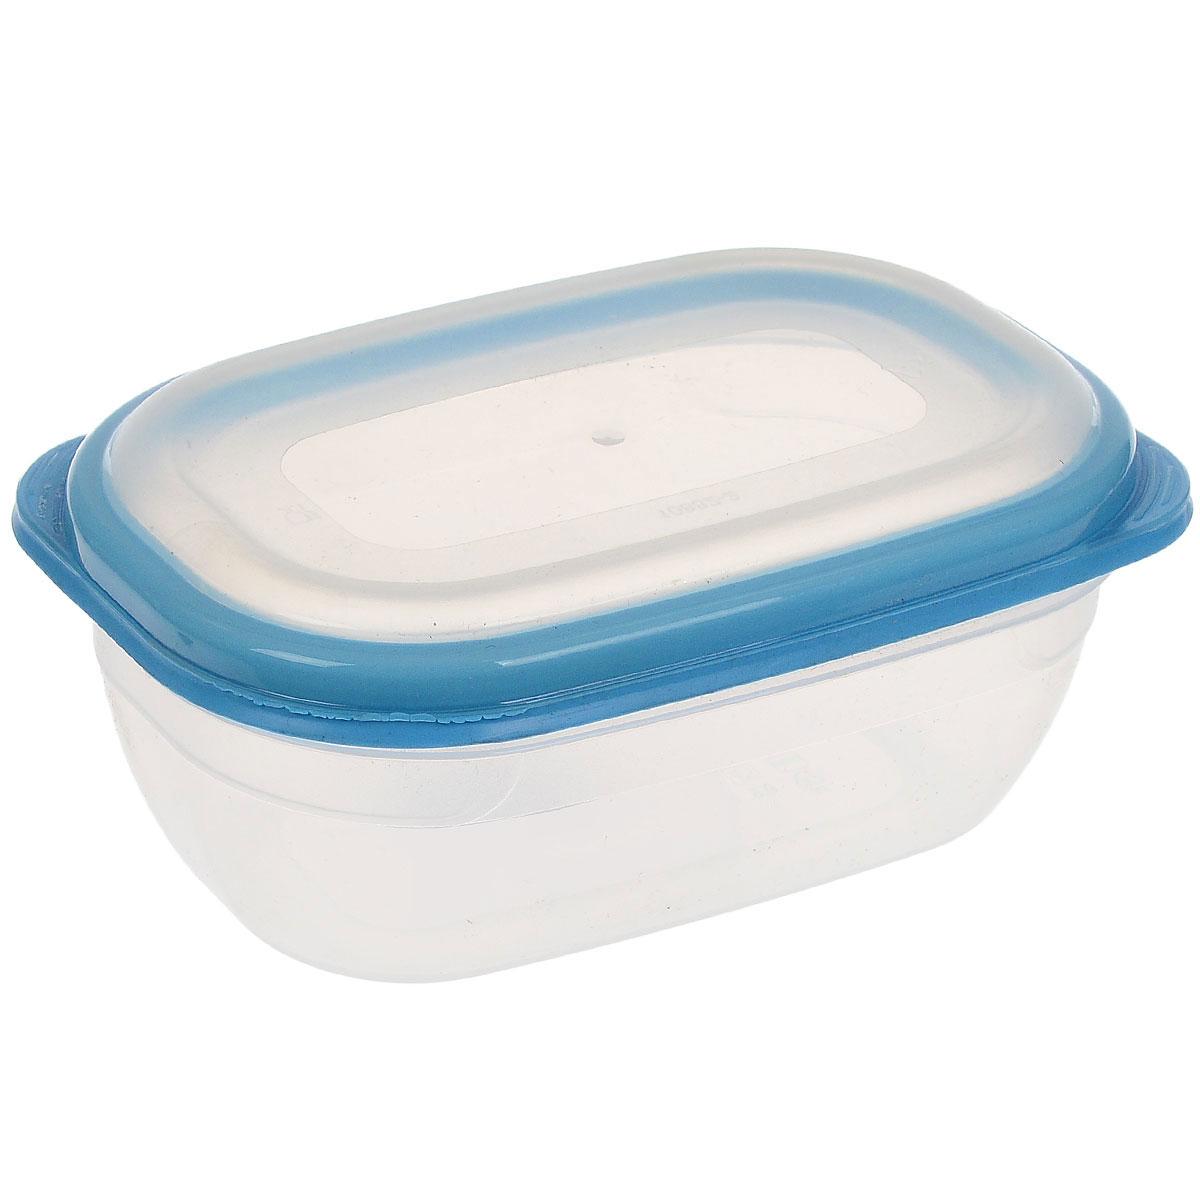 Контейнер для СВЧ Полимербыт Премиум, цвет: прозрачный, голубой, 0,5 лС560_голубойПрямоугольный контейнер для СВЧ Полимербыт Премиум изготовлен из высококачественного прочного пластика, устойчивого к высоким температурам (до +110°С). Крышка плотно и герметично закрывается, дольше сохраняя продукты свежими и вкусными. Контейнер идеально подходит для хранения пищи, его удобно брать с собой на работу, учебу, пикник или просто использовать для хранения пищи в холодильнике. Подходит для разогрева пищи в микроволновой печи и для заморозки в морозильной камере (при минимальной температуре -40°С). Можно мыть в посудомоечной машине.